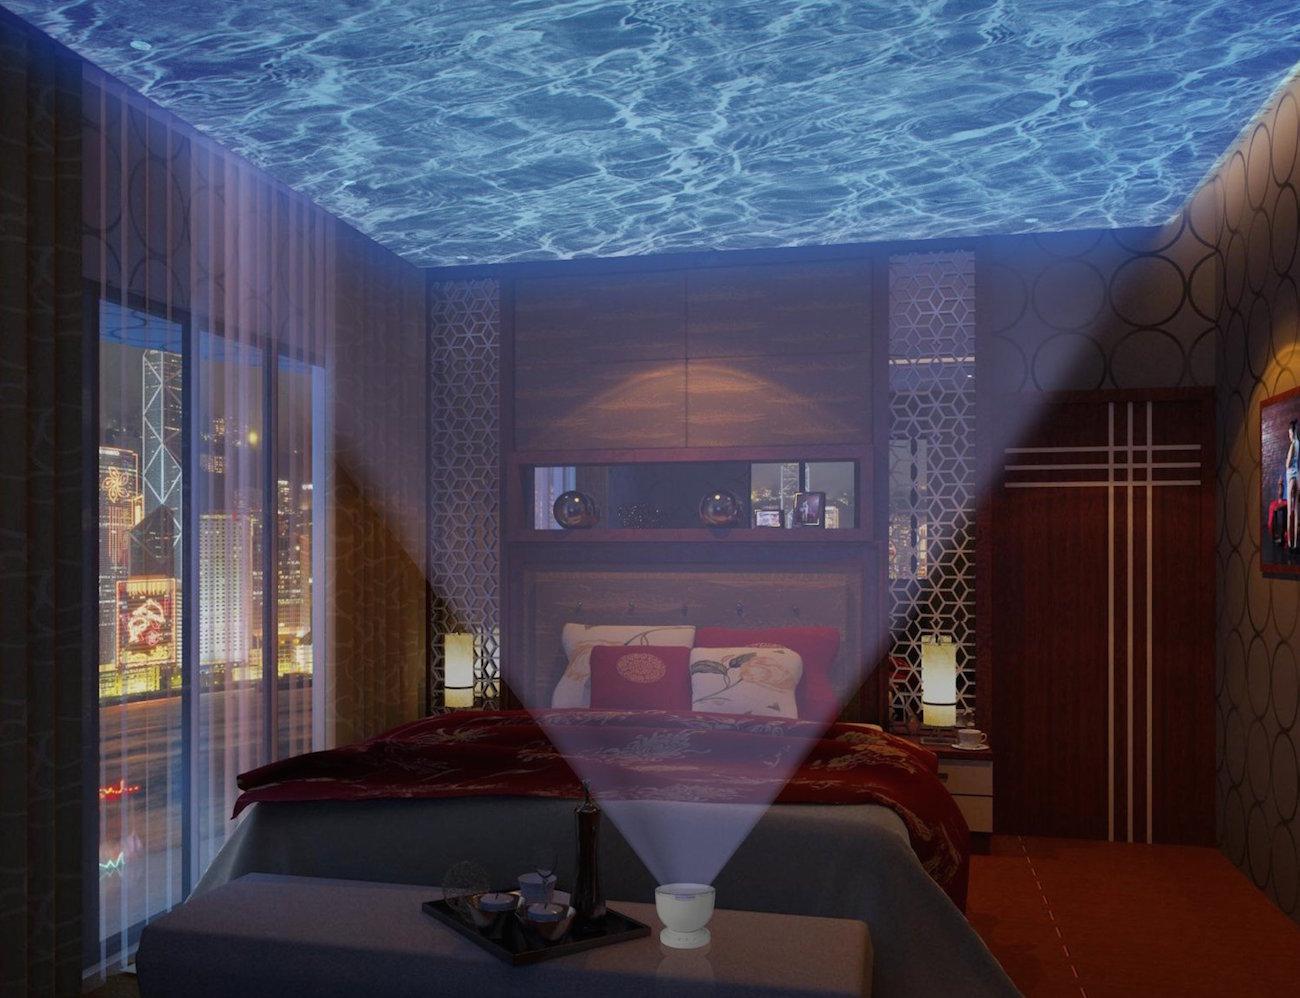 Ocean+Waves+Projector+Lamp+%26amp%3B+Speaker